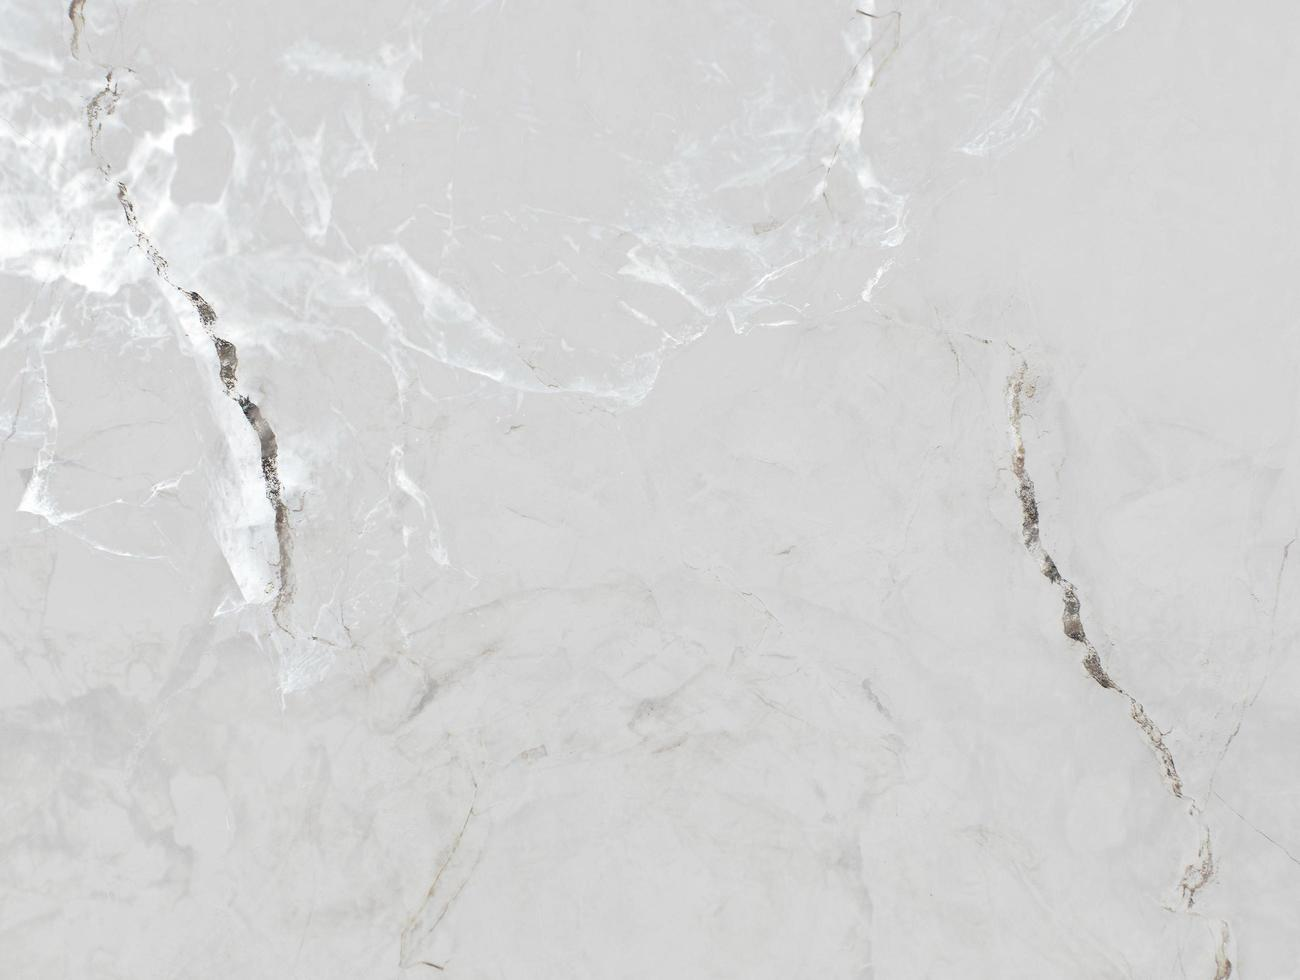 fond de texture de pierre de marbre photo